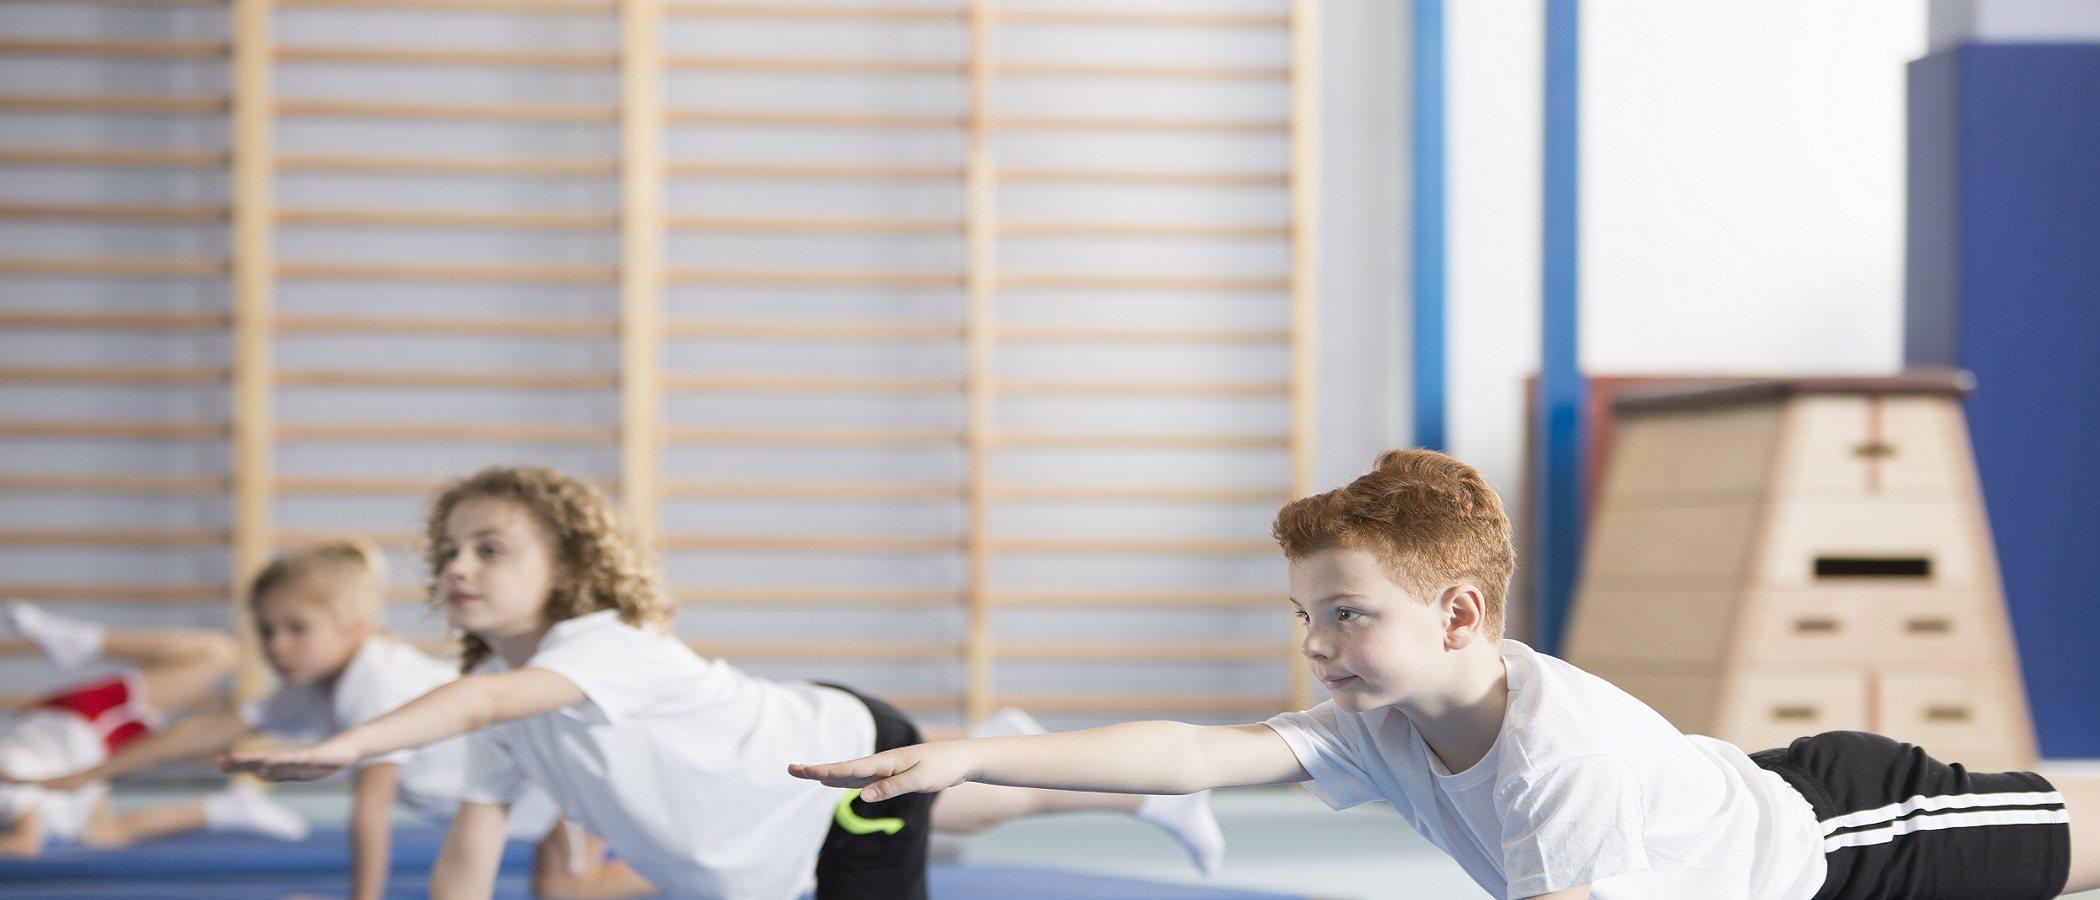 Por qué es importante la clase de Educación Física en la escuela